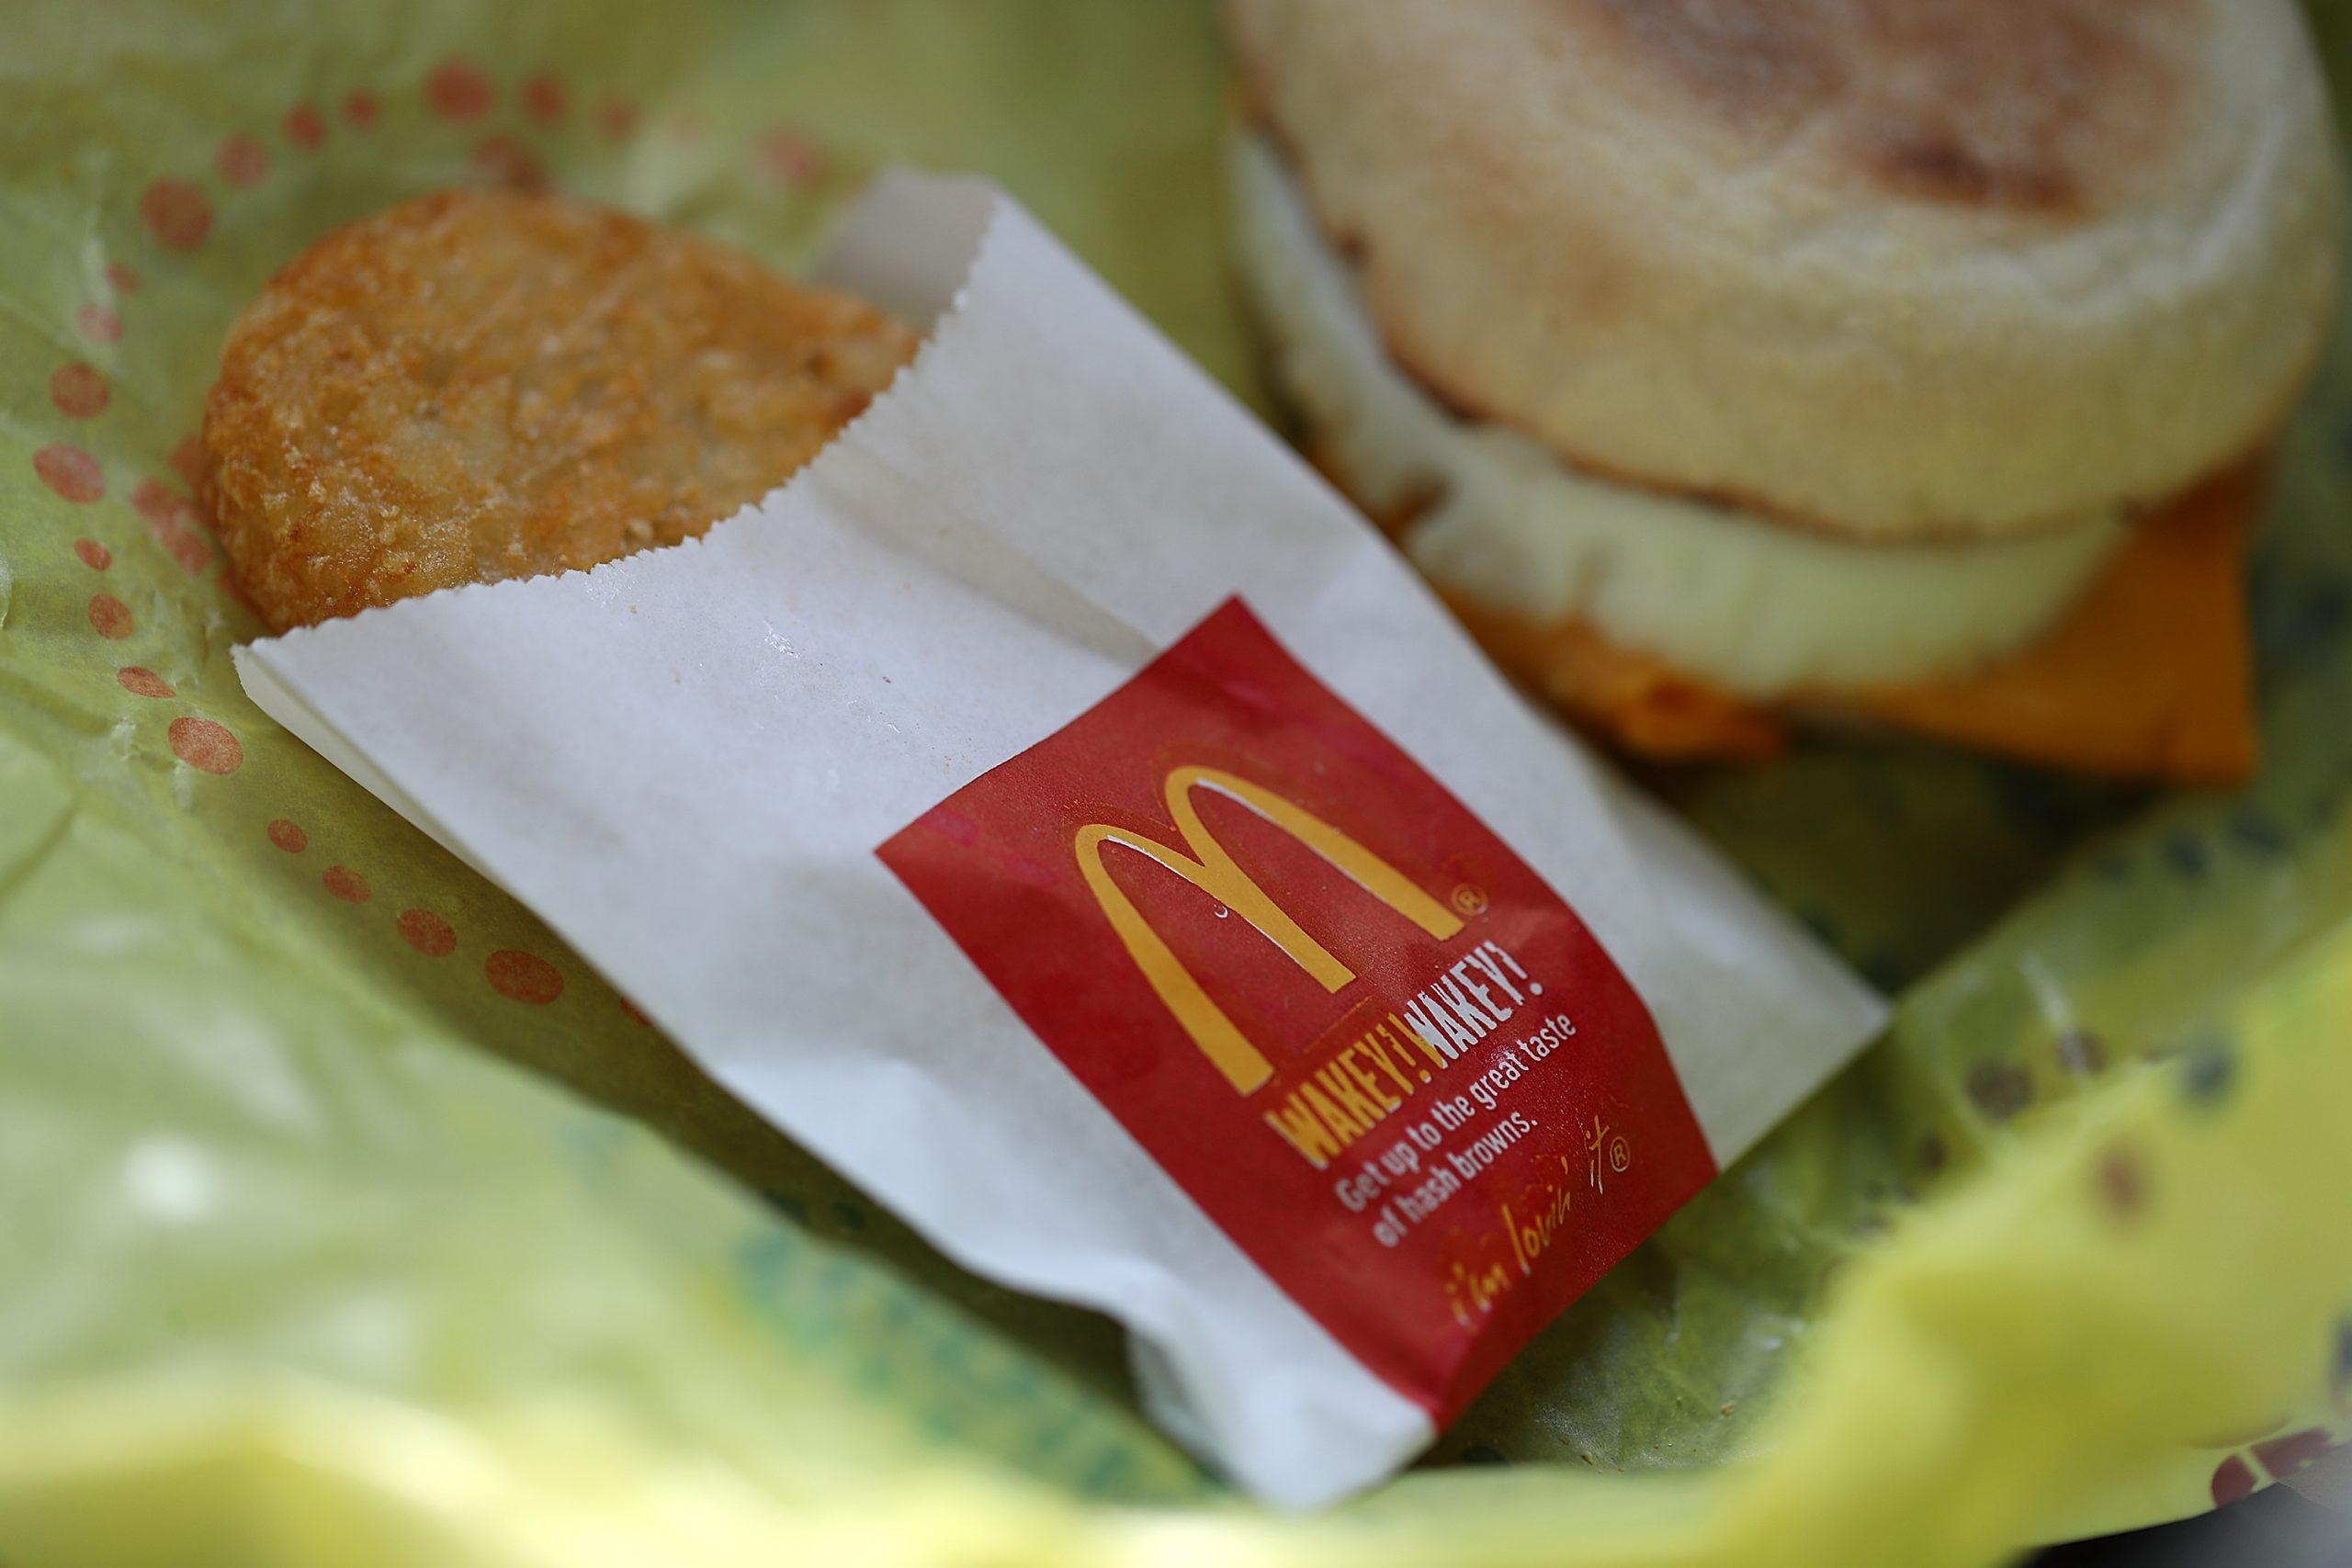 Gros plan sur un petit-déjeuner McDonald's composé de pommes de terre rissolées et de McMuffin.